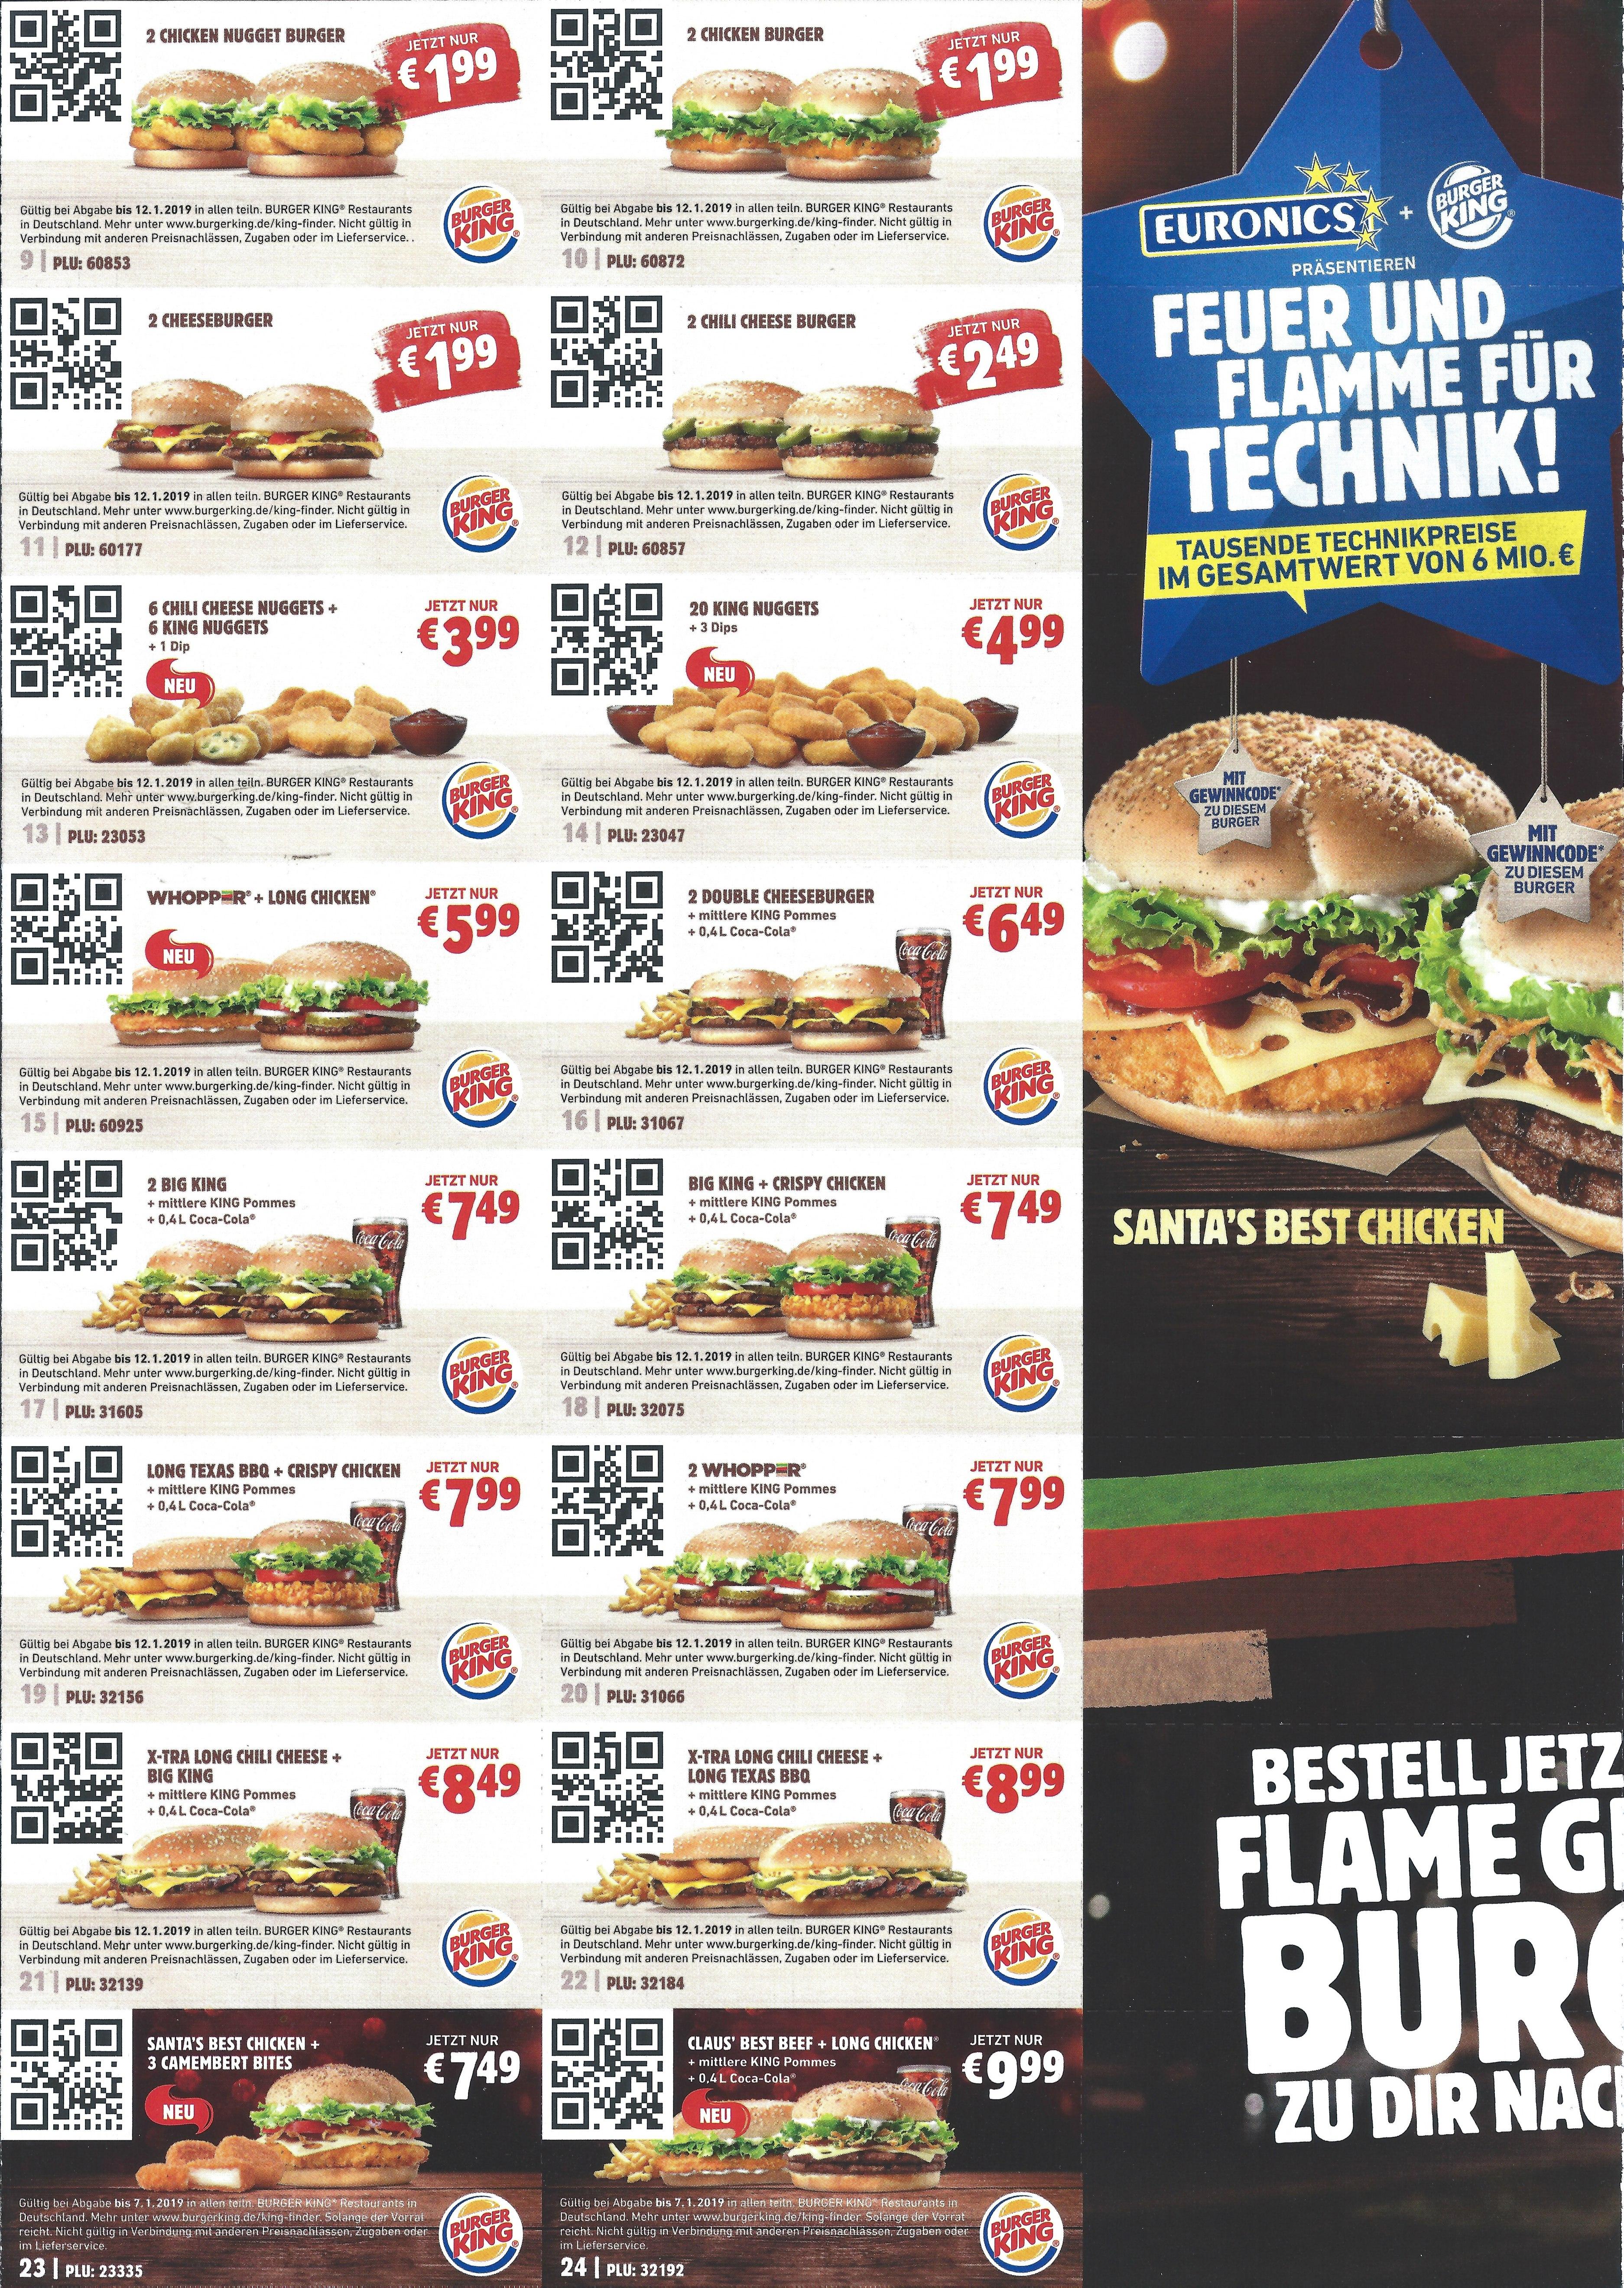 burger king gutscheine bundesweit g ltig bis. Black Bedroom Furniture Sets. Home Design Ideas